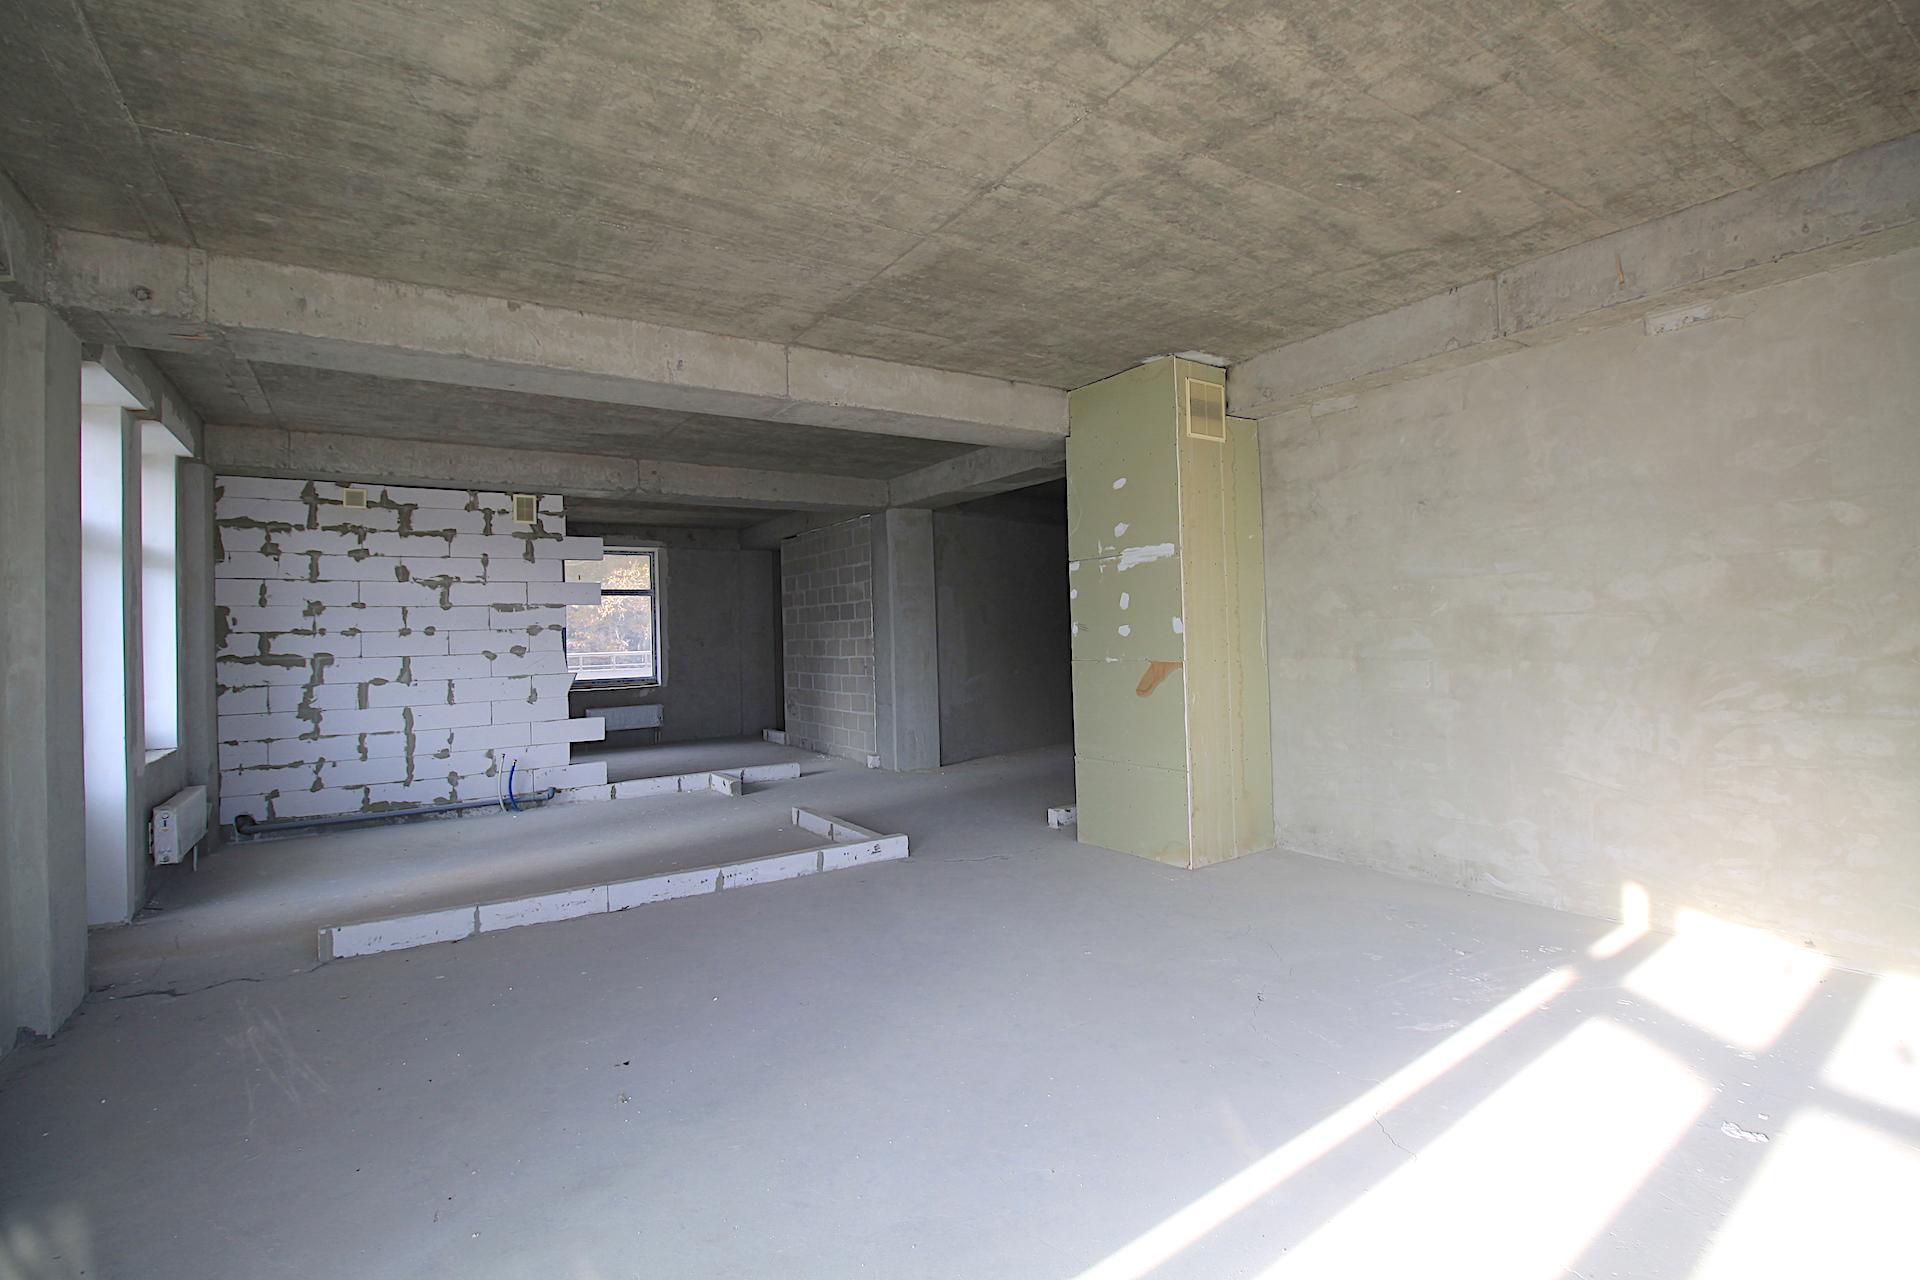 Квартира у Ливадийского Дворца 15